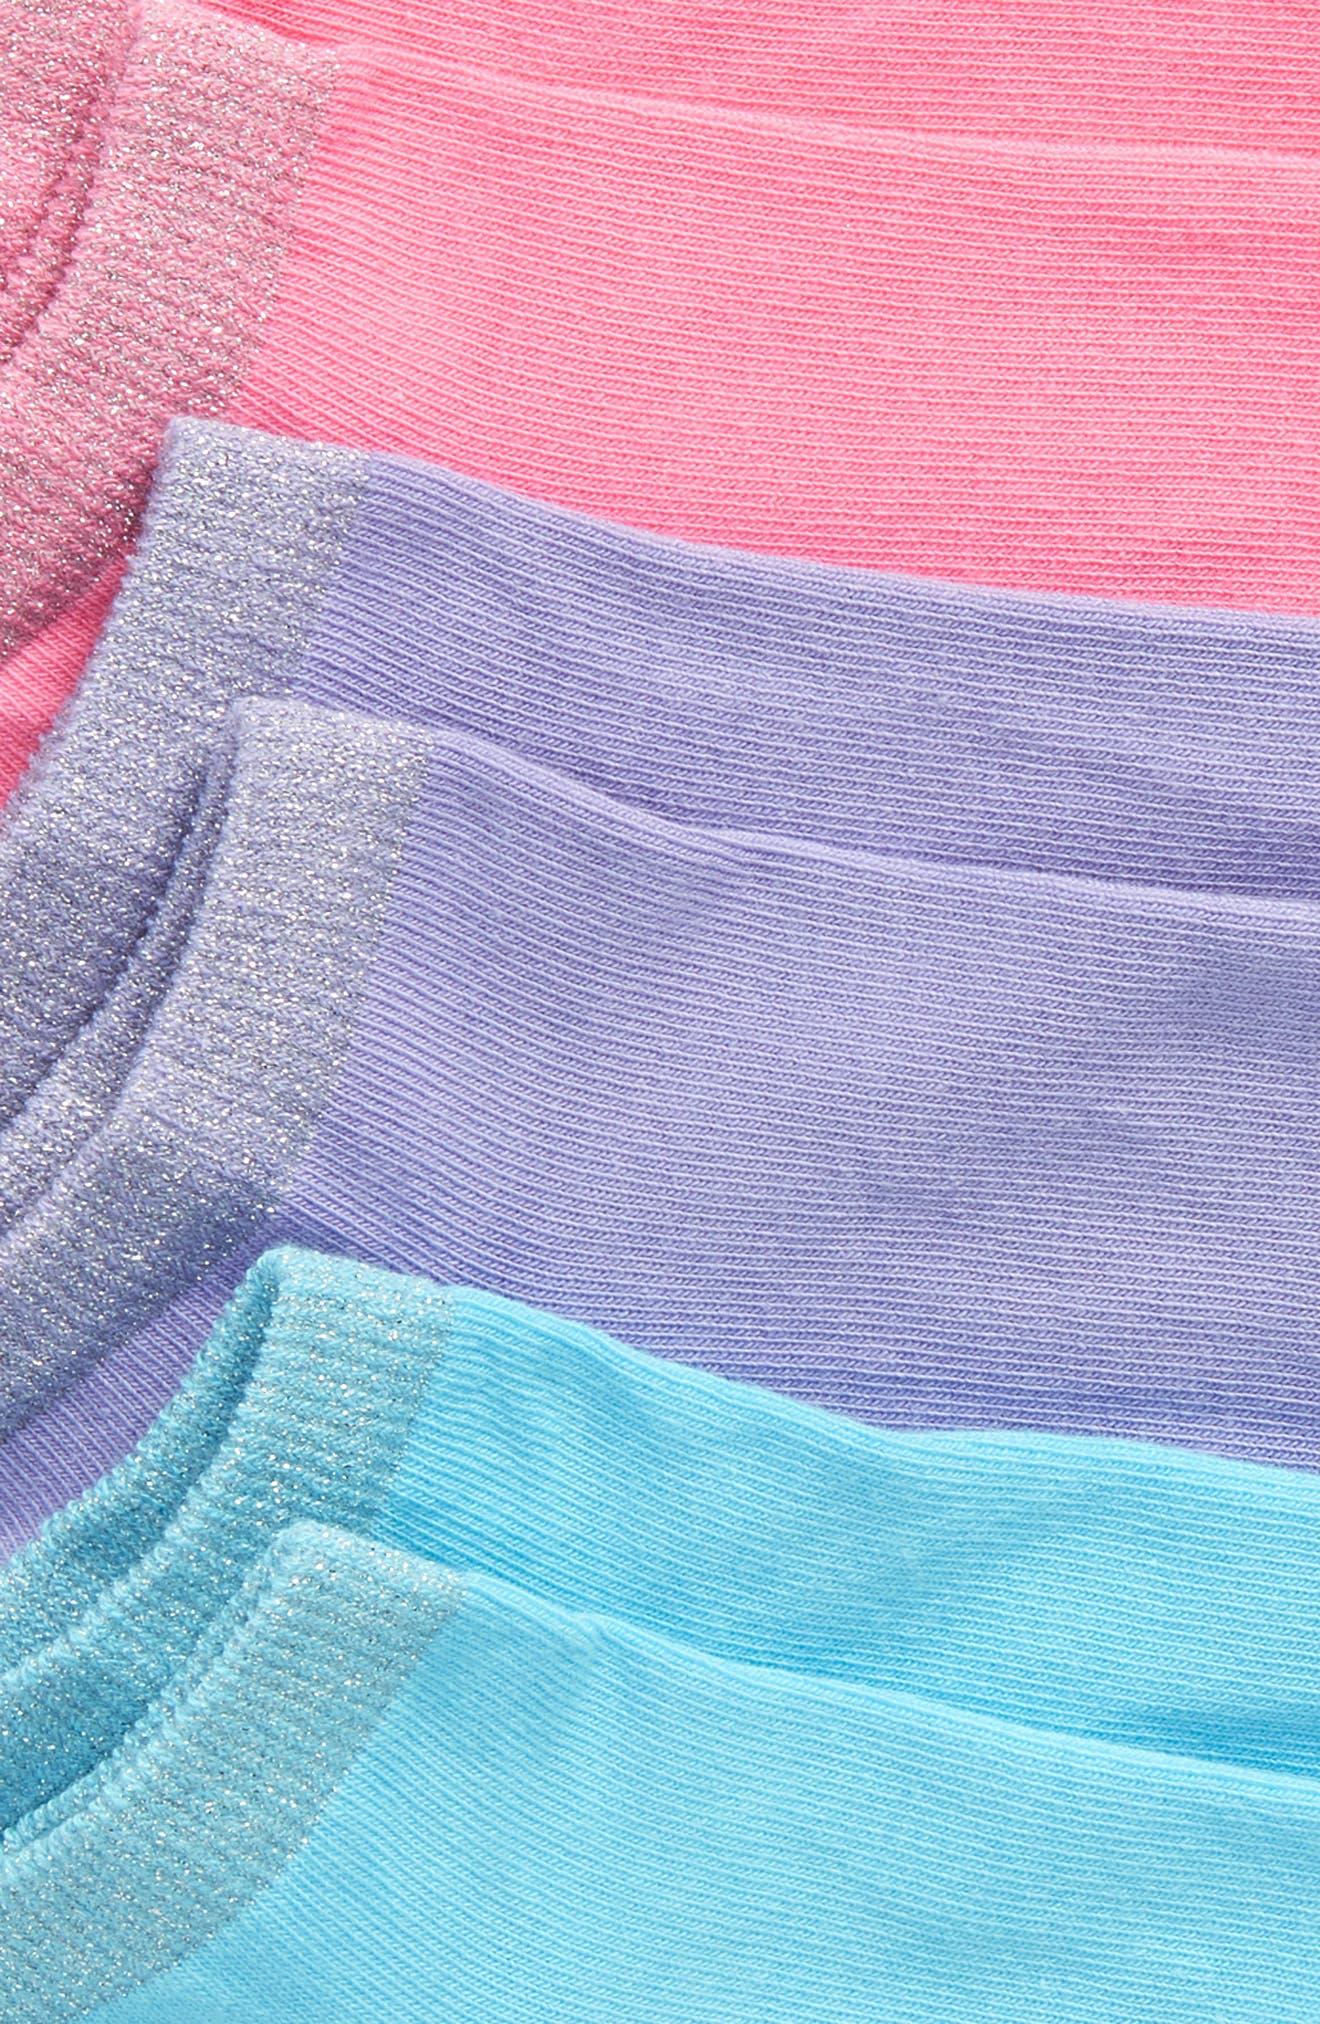 3-Pack Metallic Liner Socks,                             Alternate thumbnail 2, color,                             PINK GERANIUM MULTI